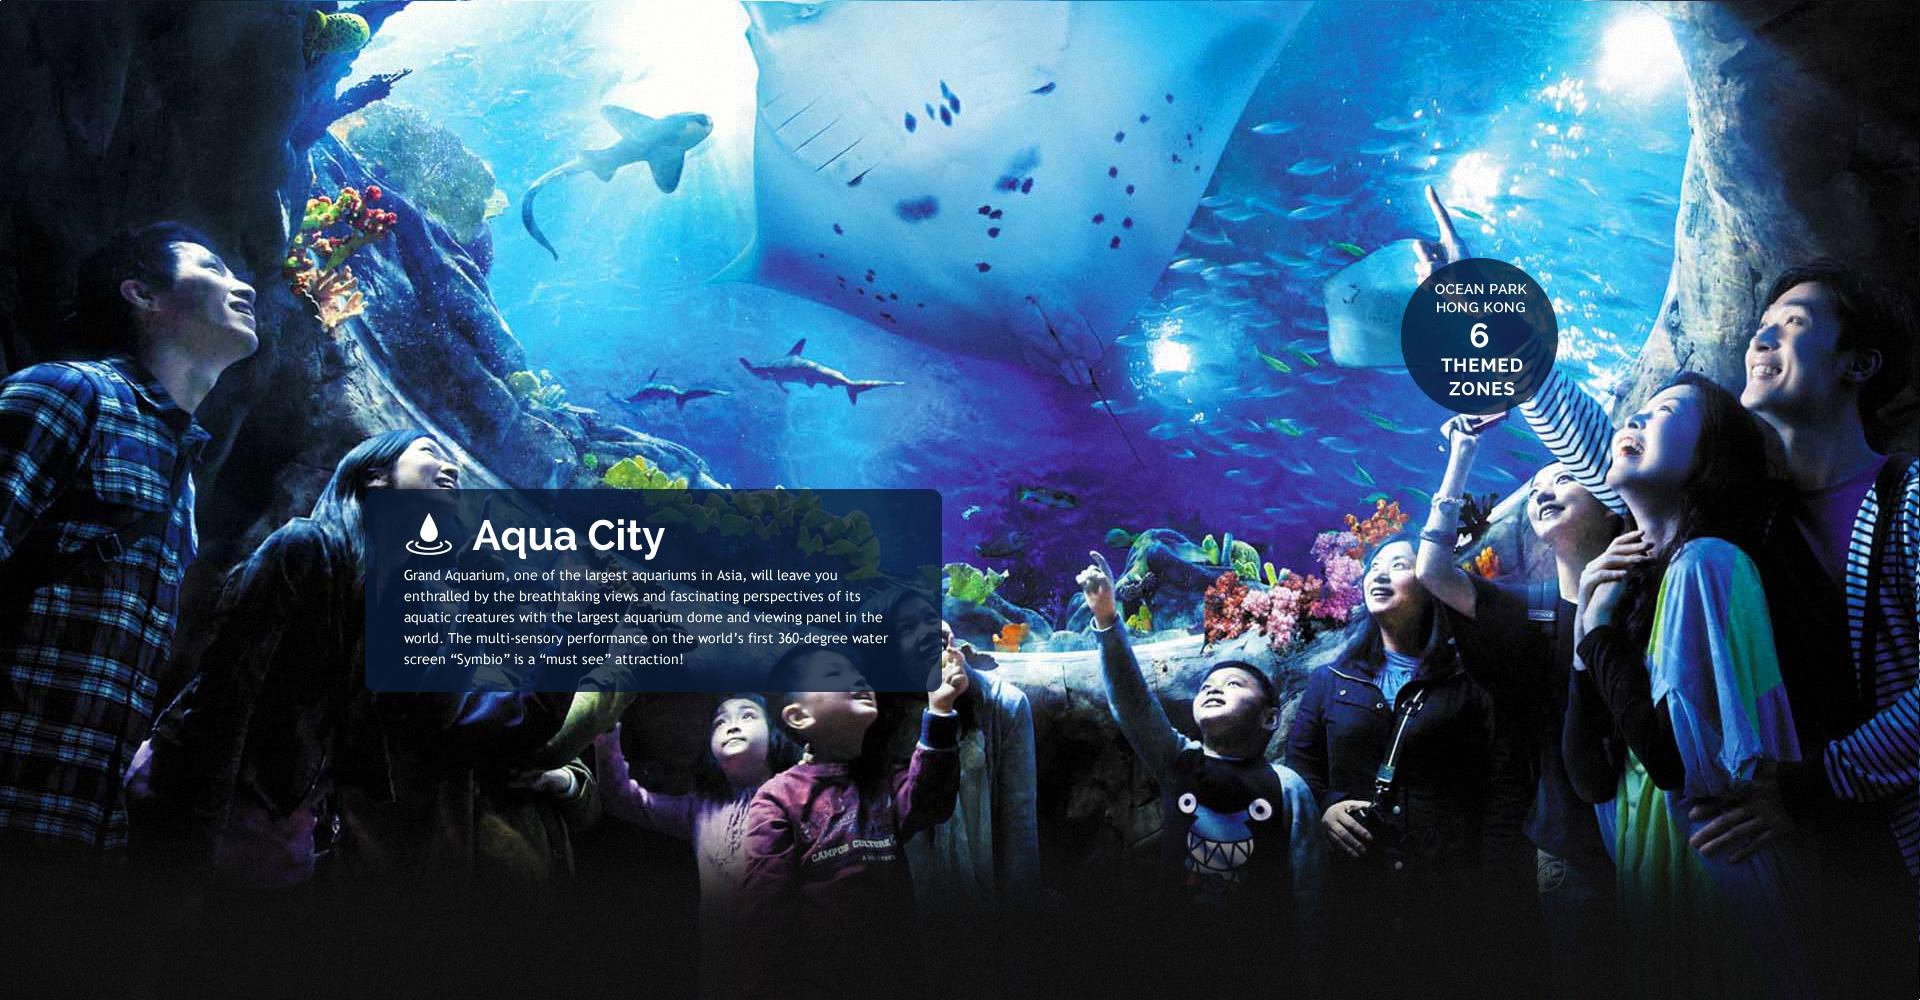 https://media.oceanpark.com.hk/files/s3fs-public/Philippine_inside_banner01_desktop_aqua_city.jpg